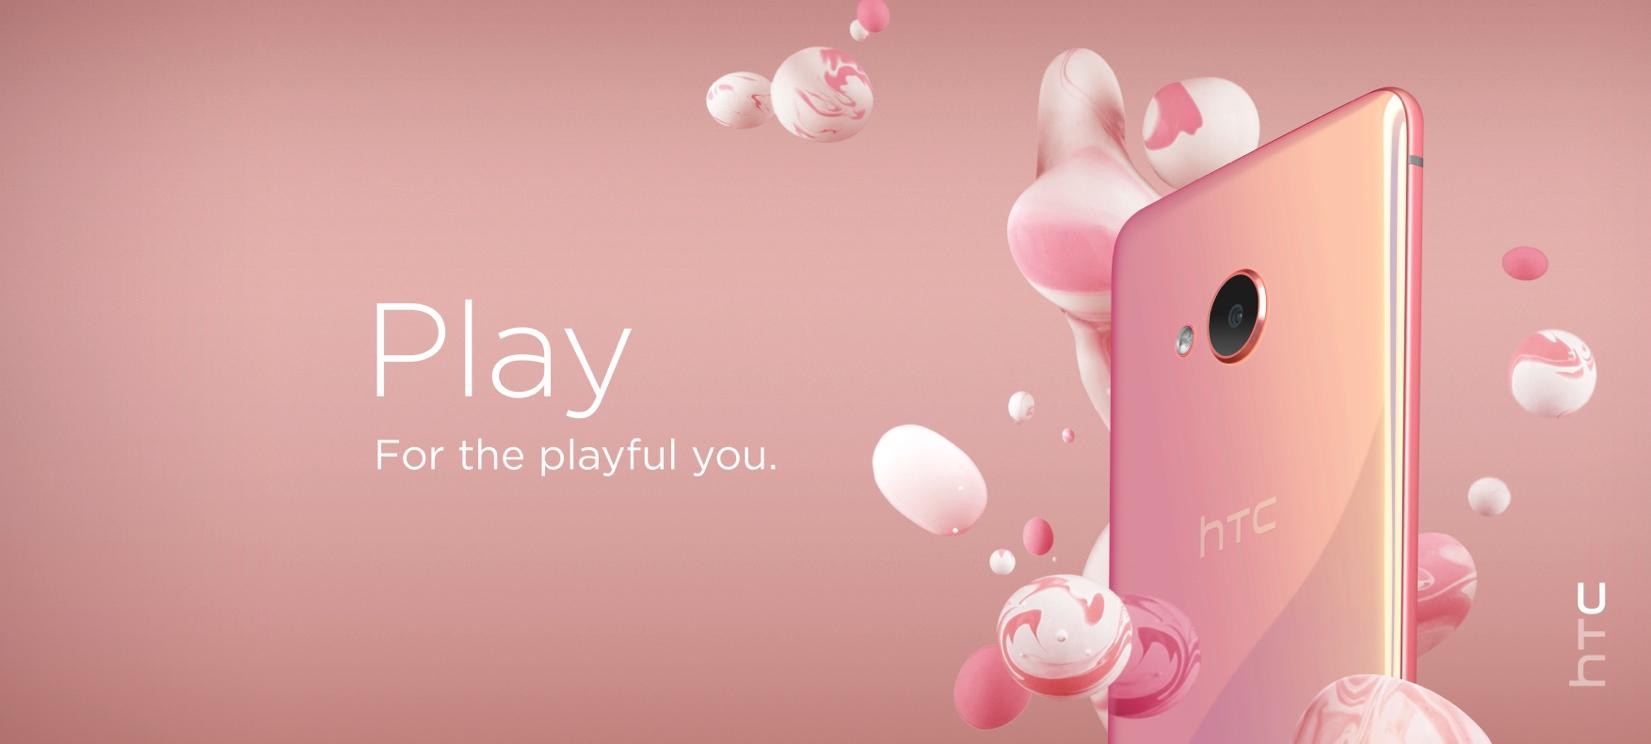 HTC U Play 2 může dorazit začátkem roku 2018